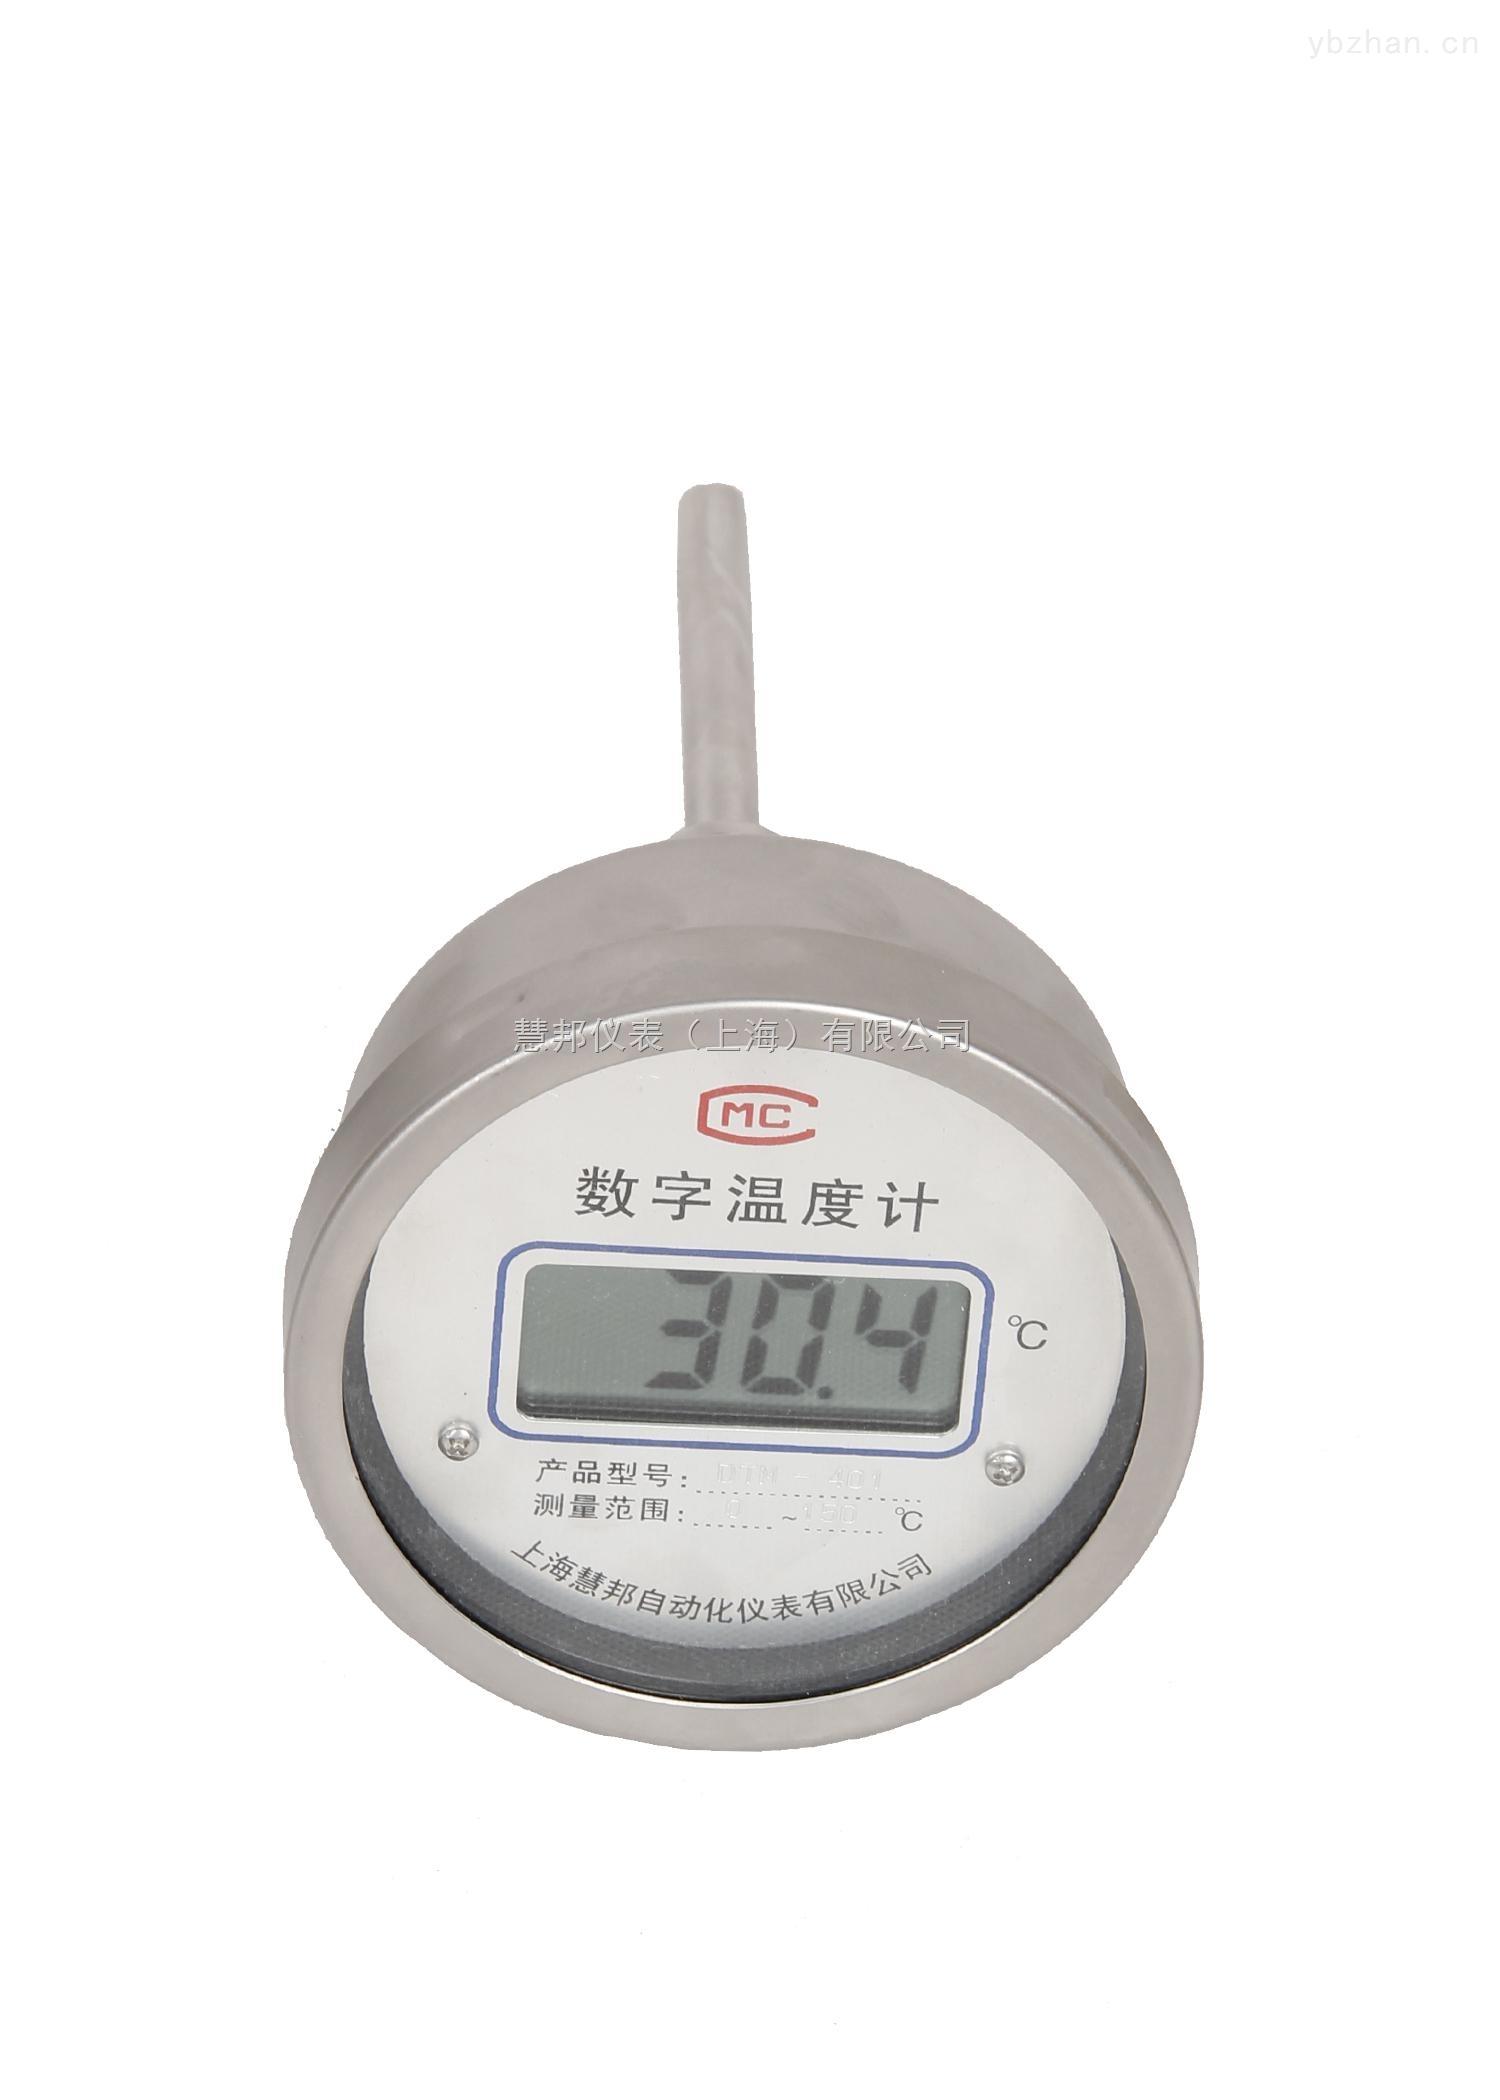 一, dtm系列数字温度计主要技术指标: 测量范围:-50 350℃ 显示方式